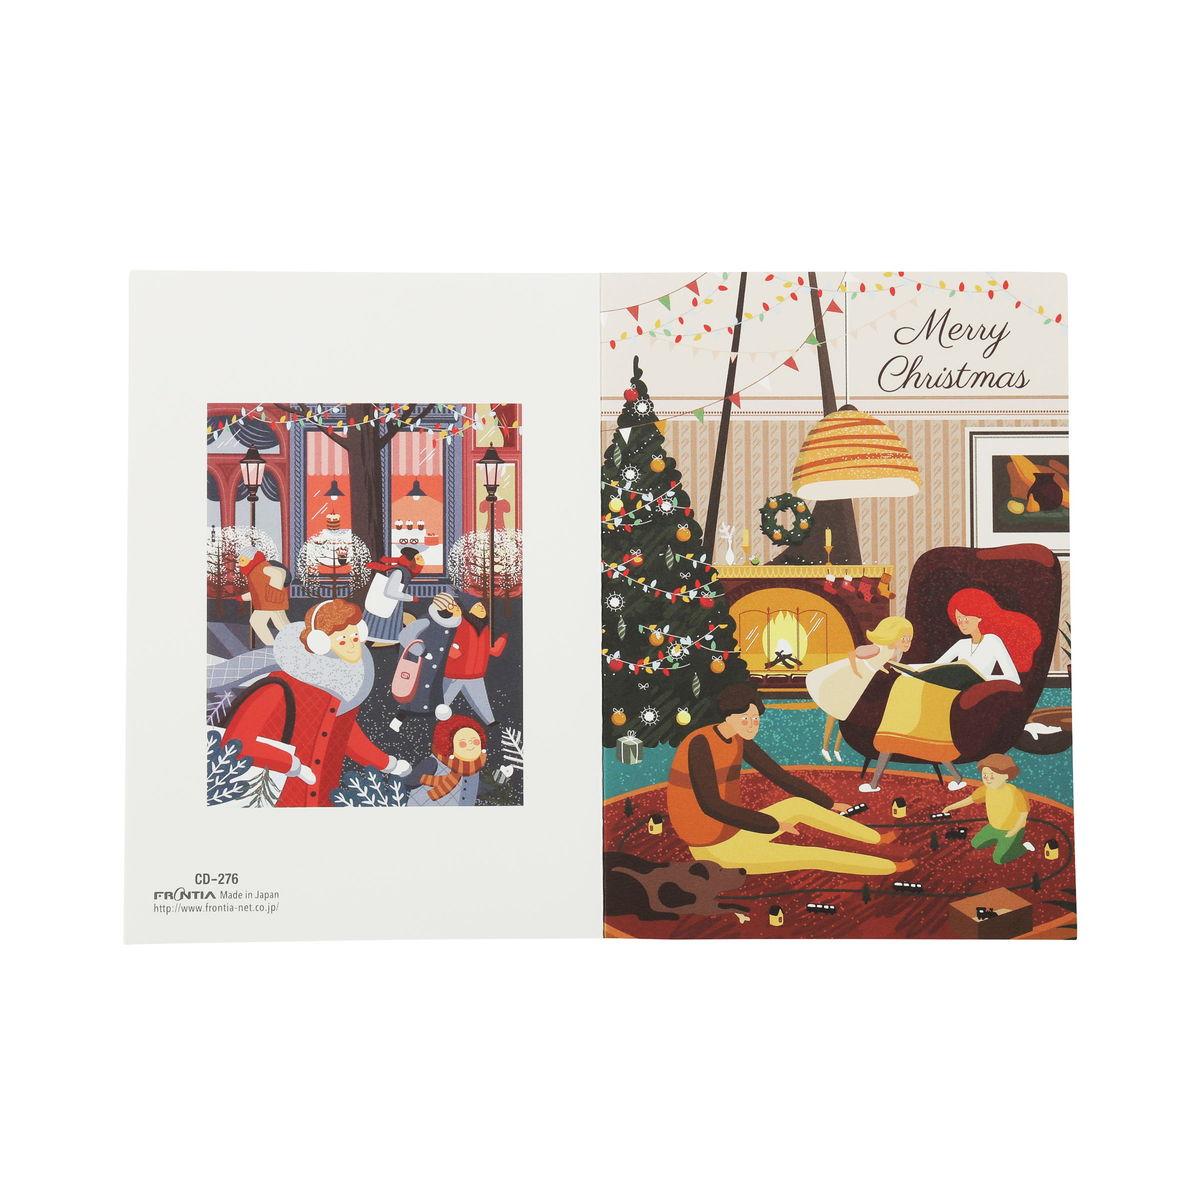 クリスマスカード クラシック 暖炉がある光景 xcd-276